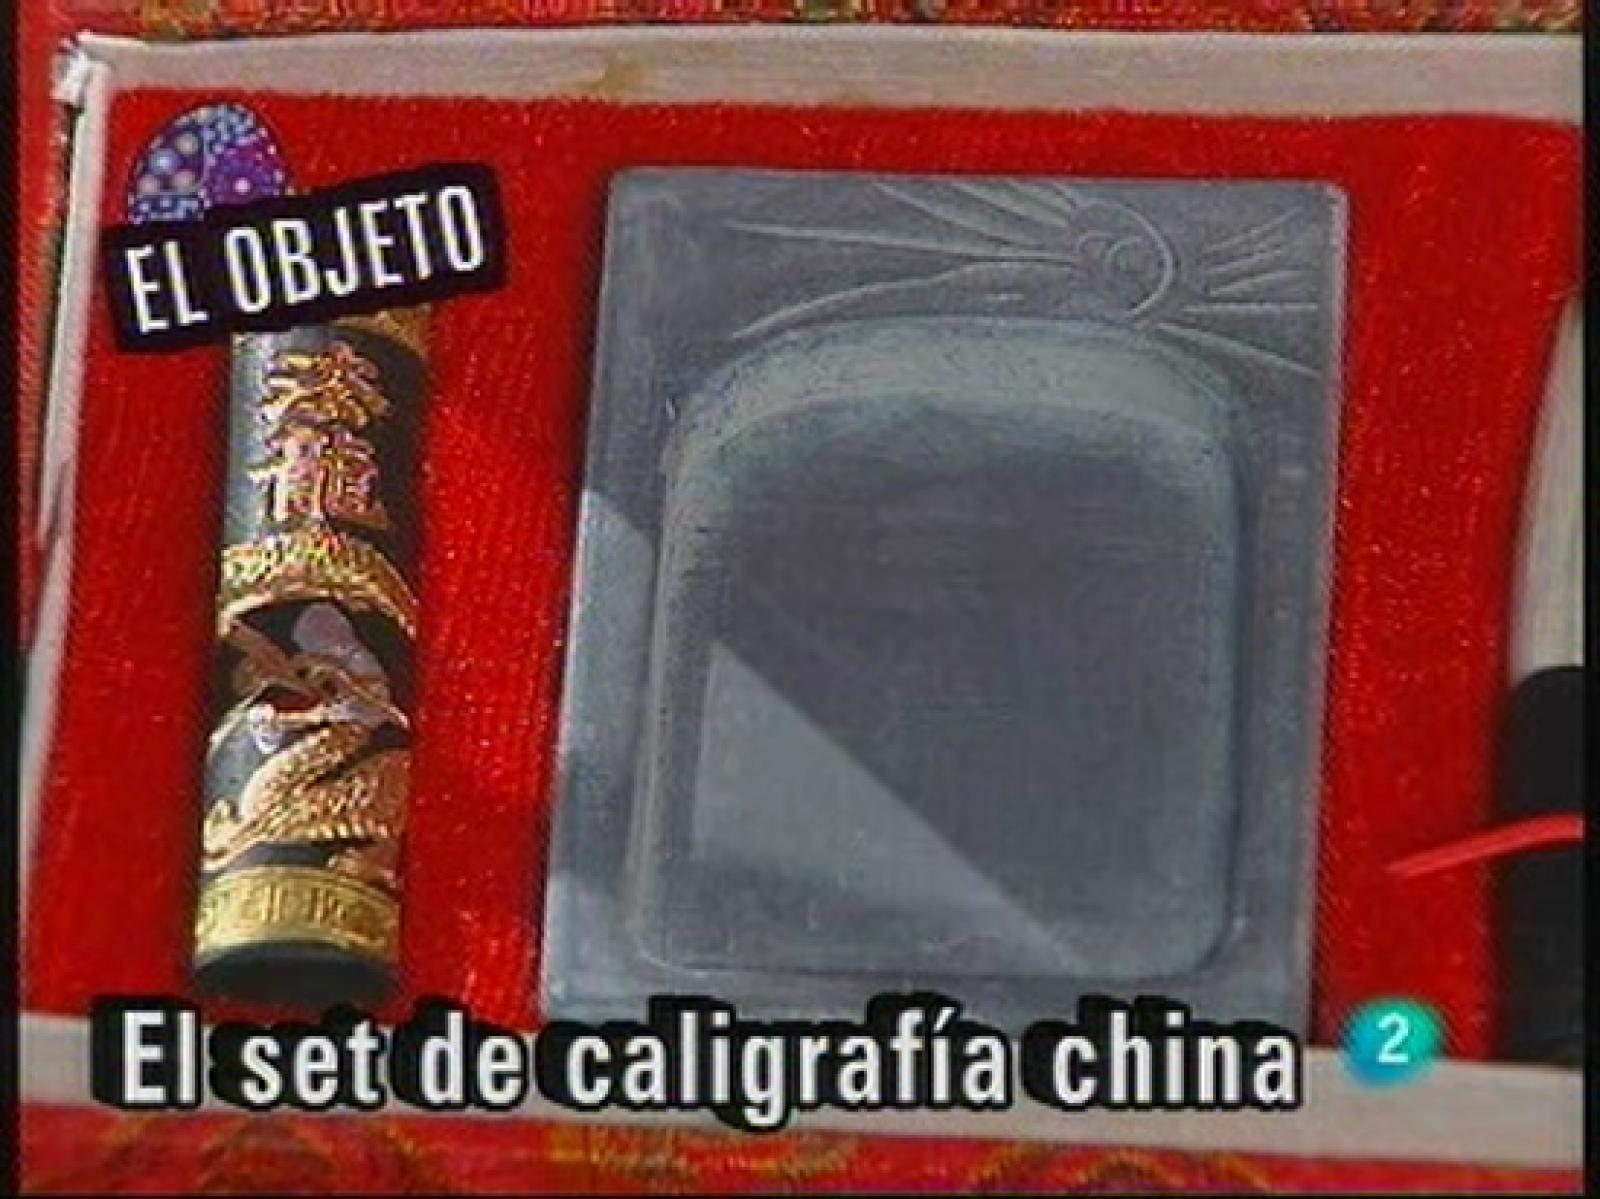 Babel en TVE - El objeto: El set de caligrafía china - RTVE.es